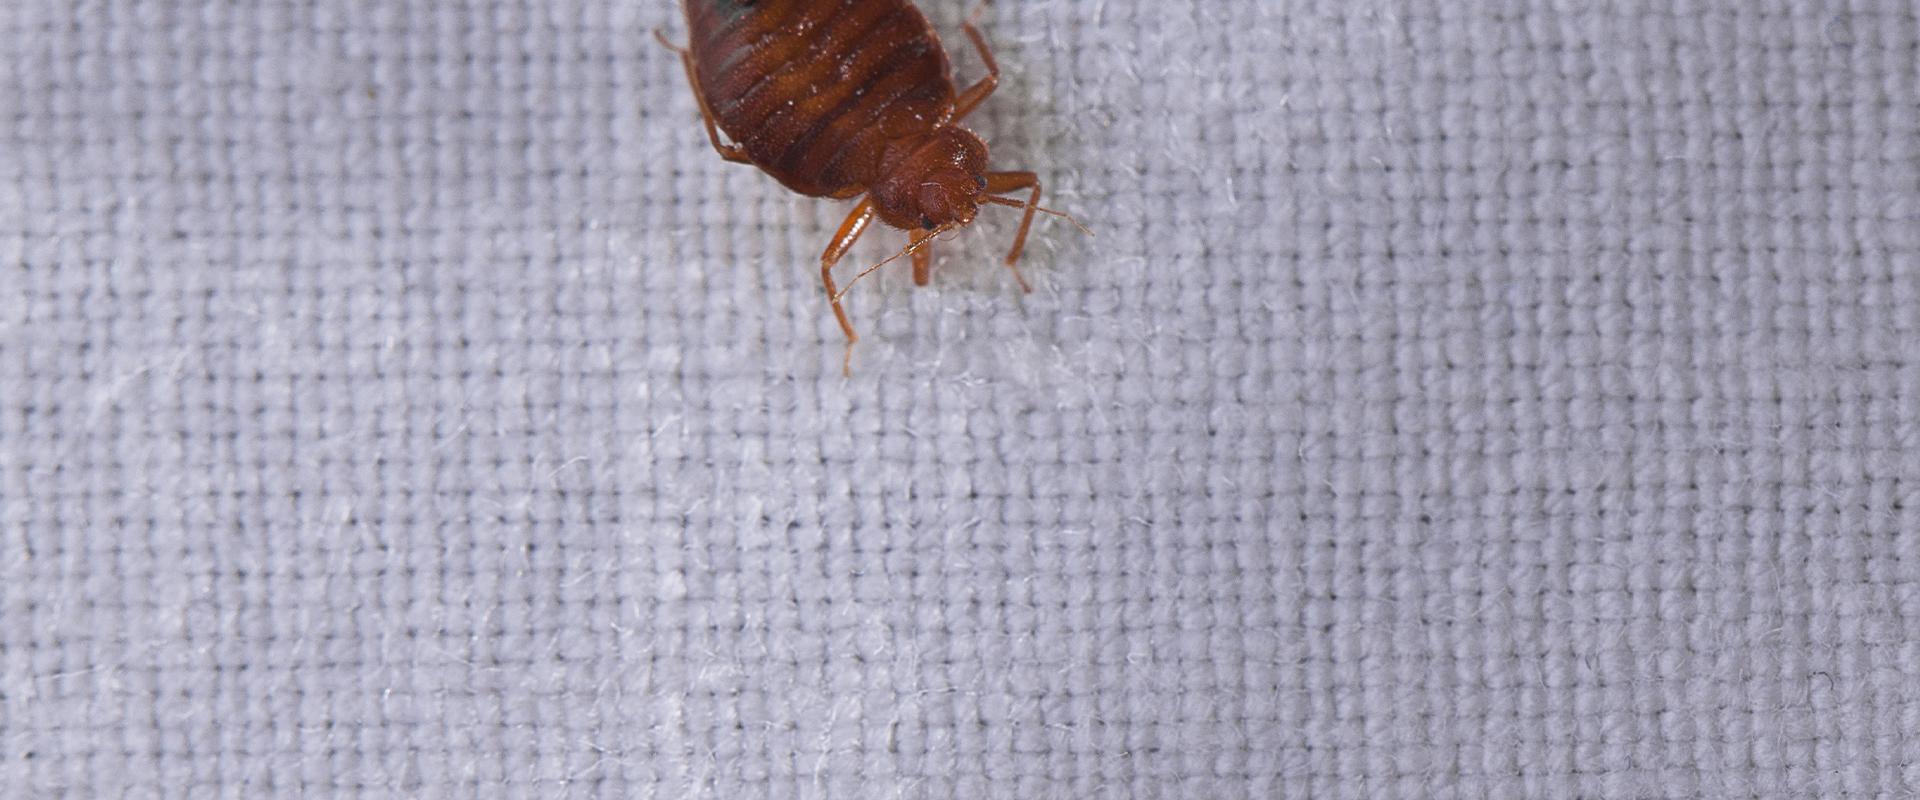 bedbug on a mattress